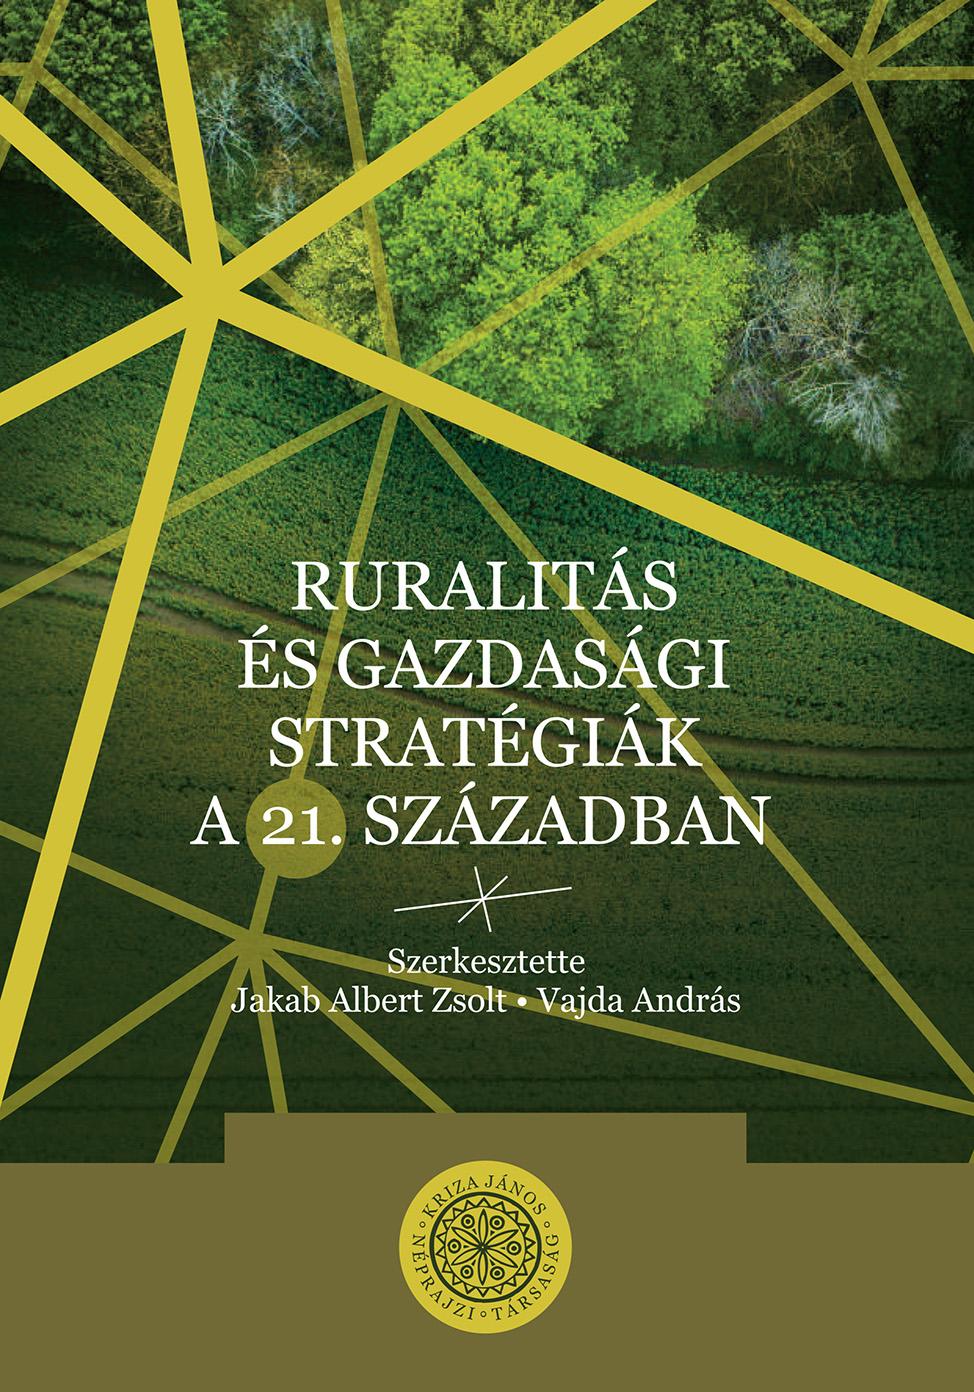 Ruralitás és gazdasági stratégiák a 21. században (Kriza Könyvek, 47.)